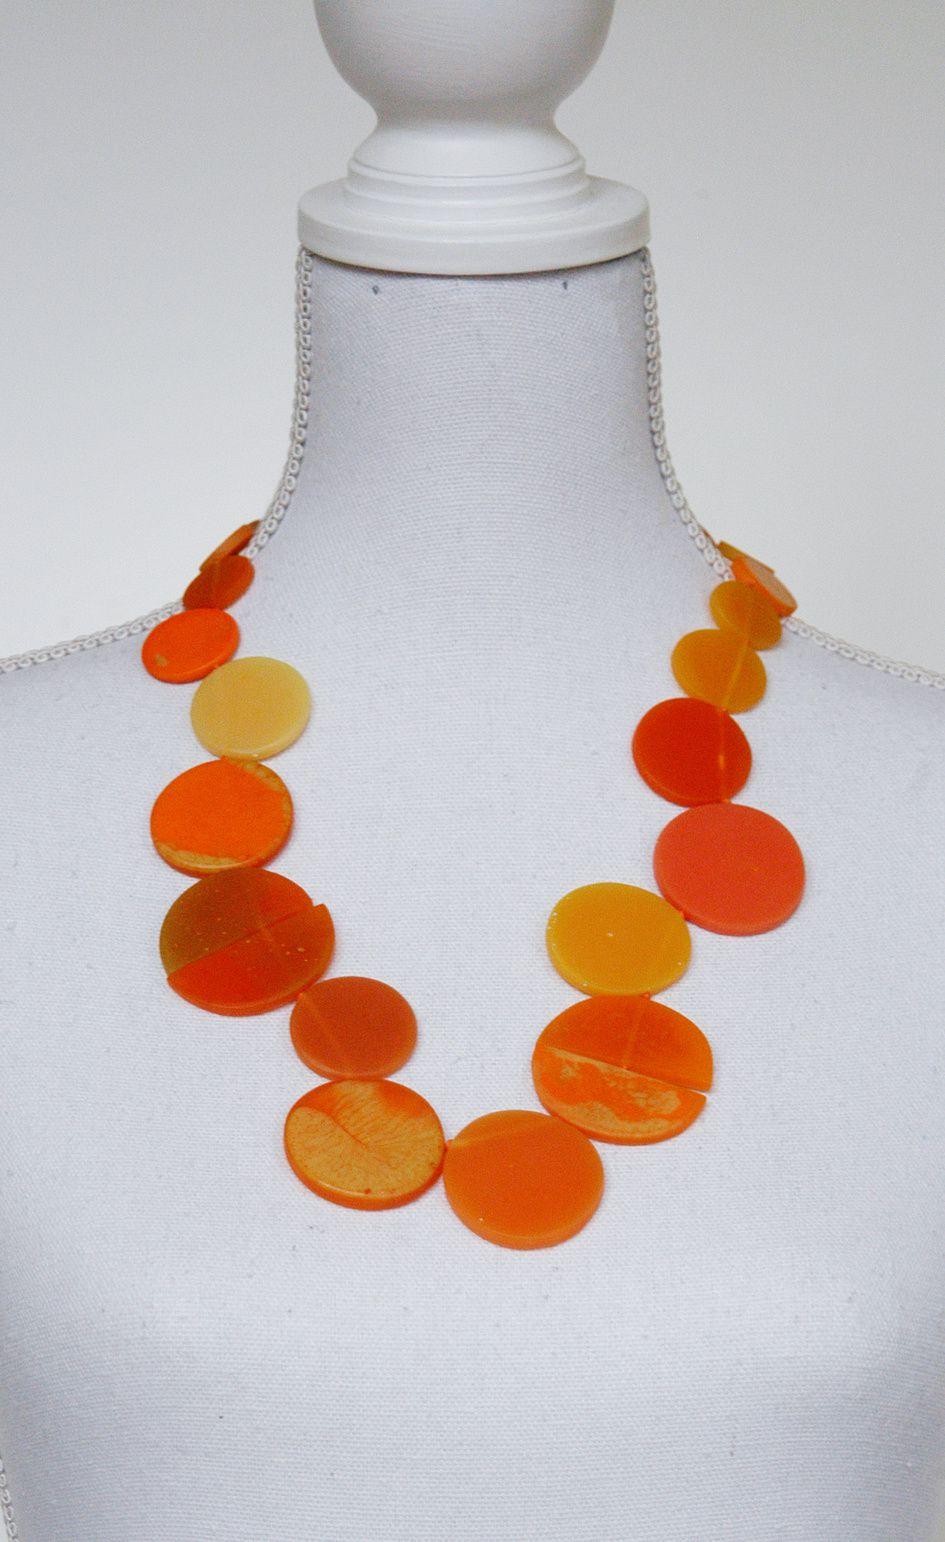 Kette aus unregelmäßig angeordneten Resin-Talern in verschiedenen Orange-Tönen. Teile der Kette kennt man schon aus dem Perlknoten-Eintrag von letzter Woche.